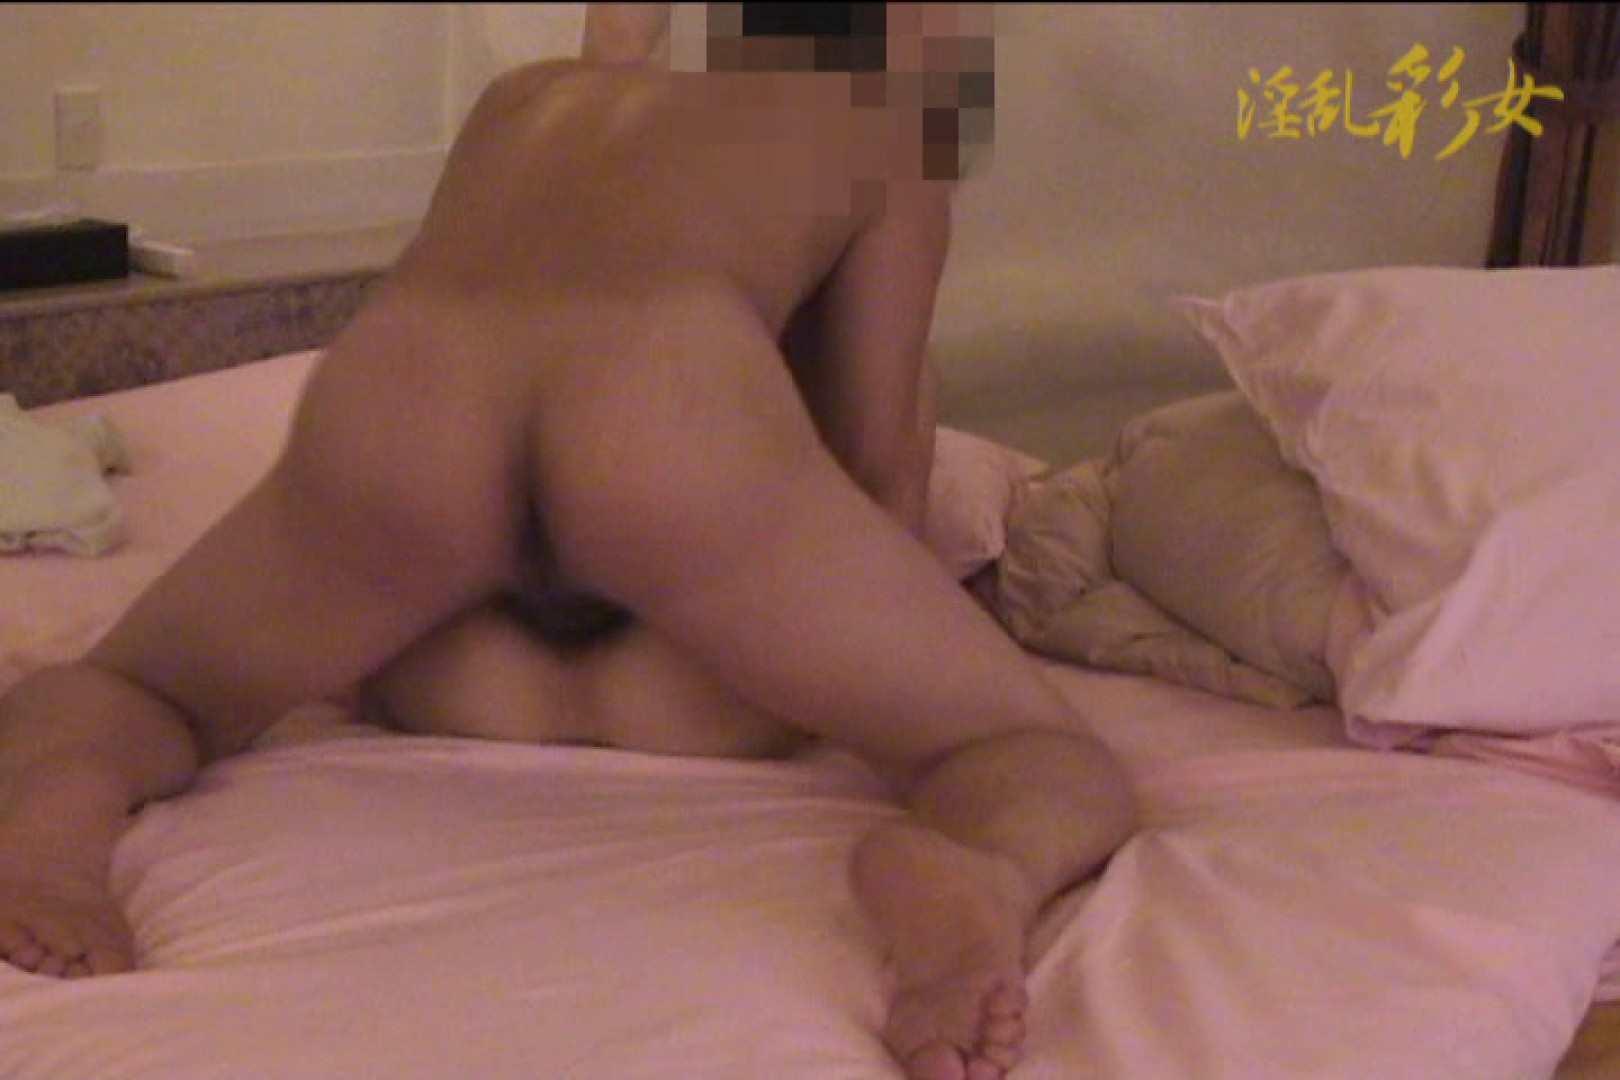 淫乱彩女 麻優里 30代の公認彼氏に貸し出し3 一般投稿 | 中出し  99画像 68